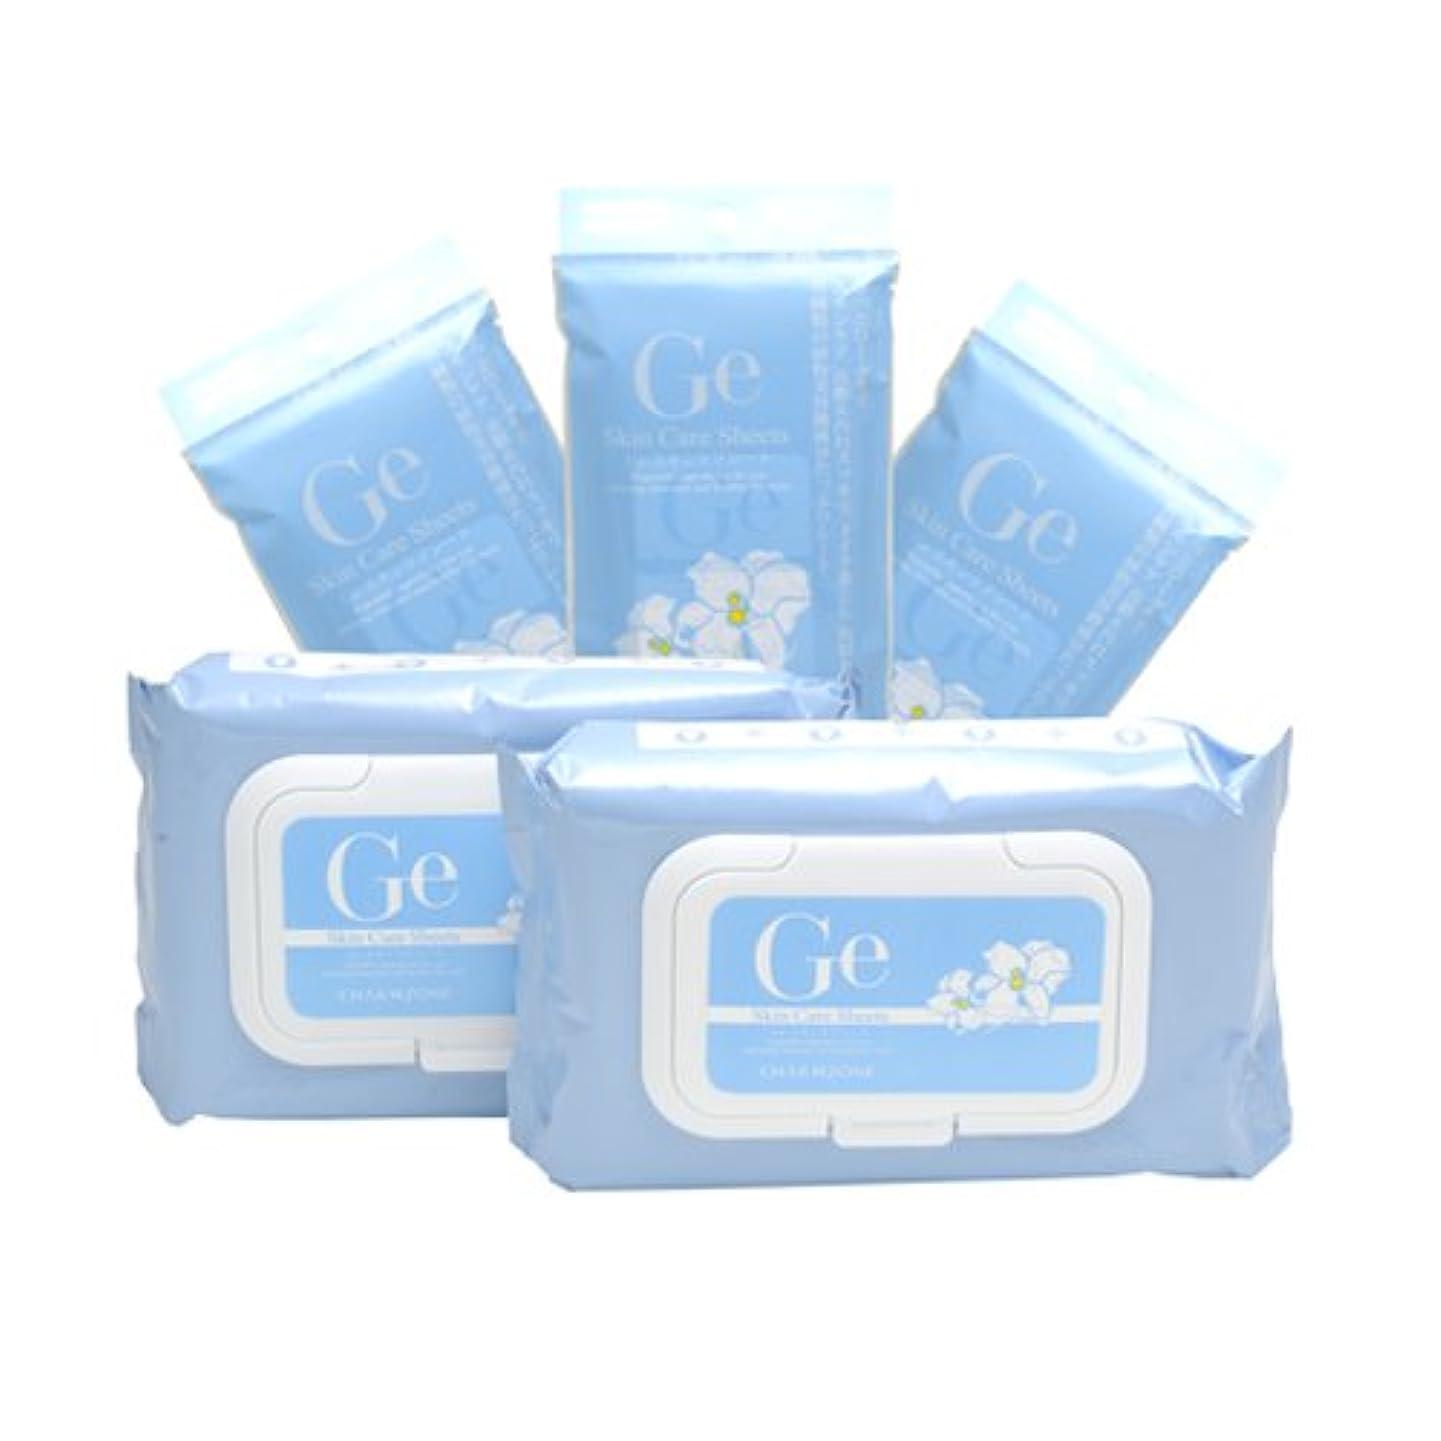 クリームフリルオーブンチャームゾーン Geスキンケアシート 150枚セット(60枚×2個+10枚×3個) (リリー)